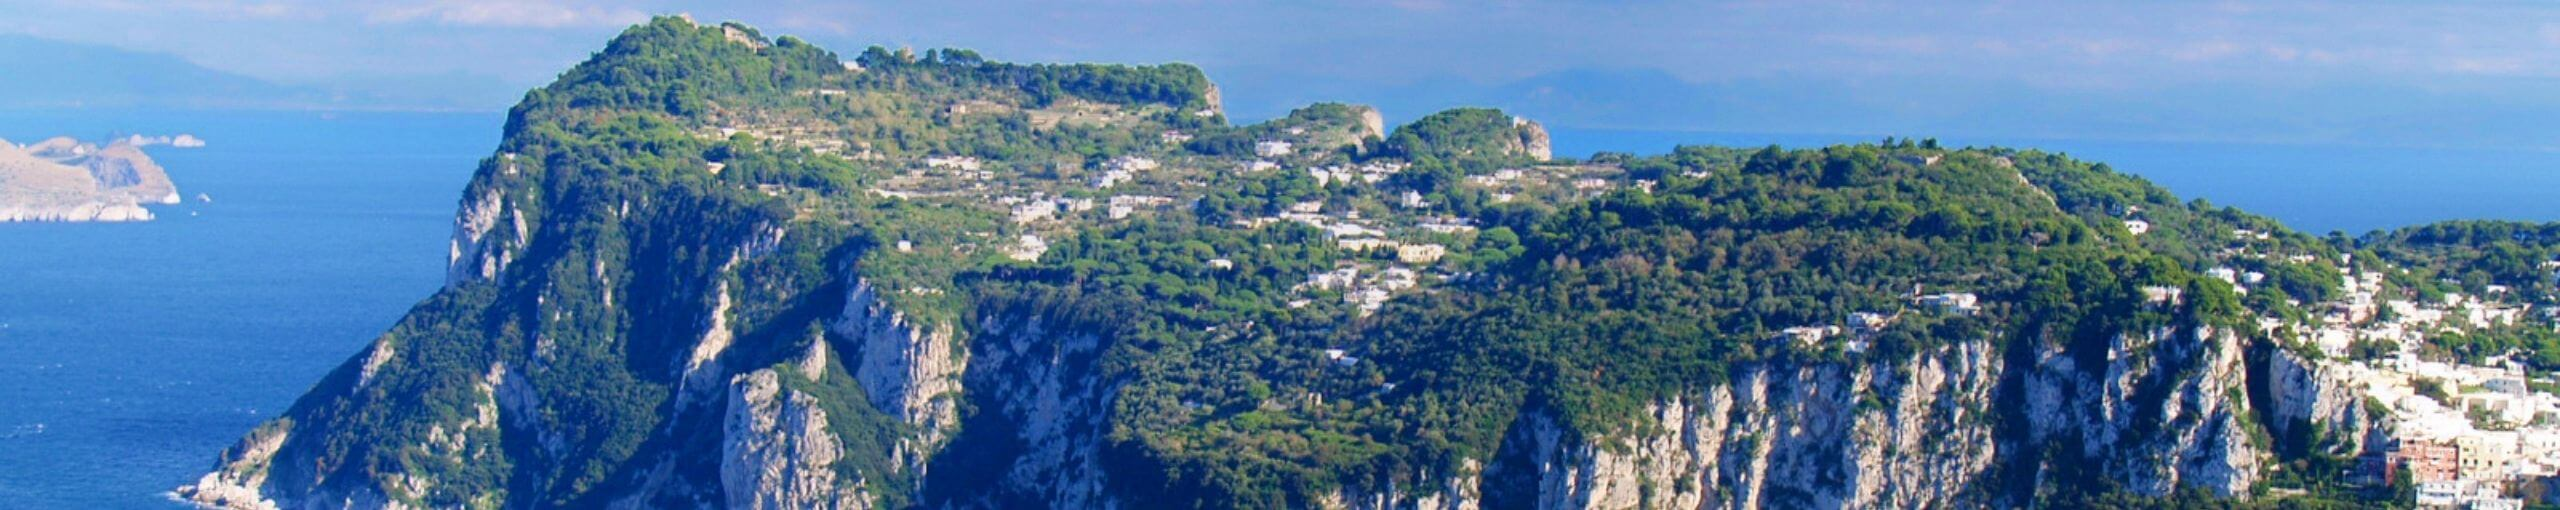 Capri La Isla Bonita